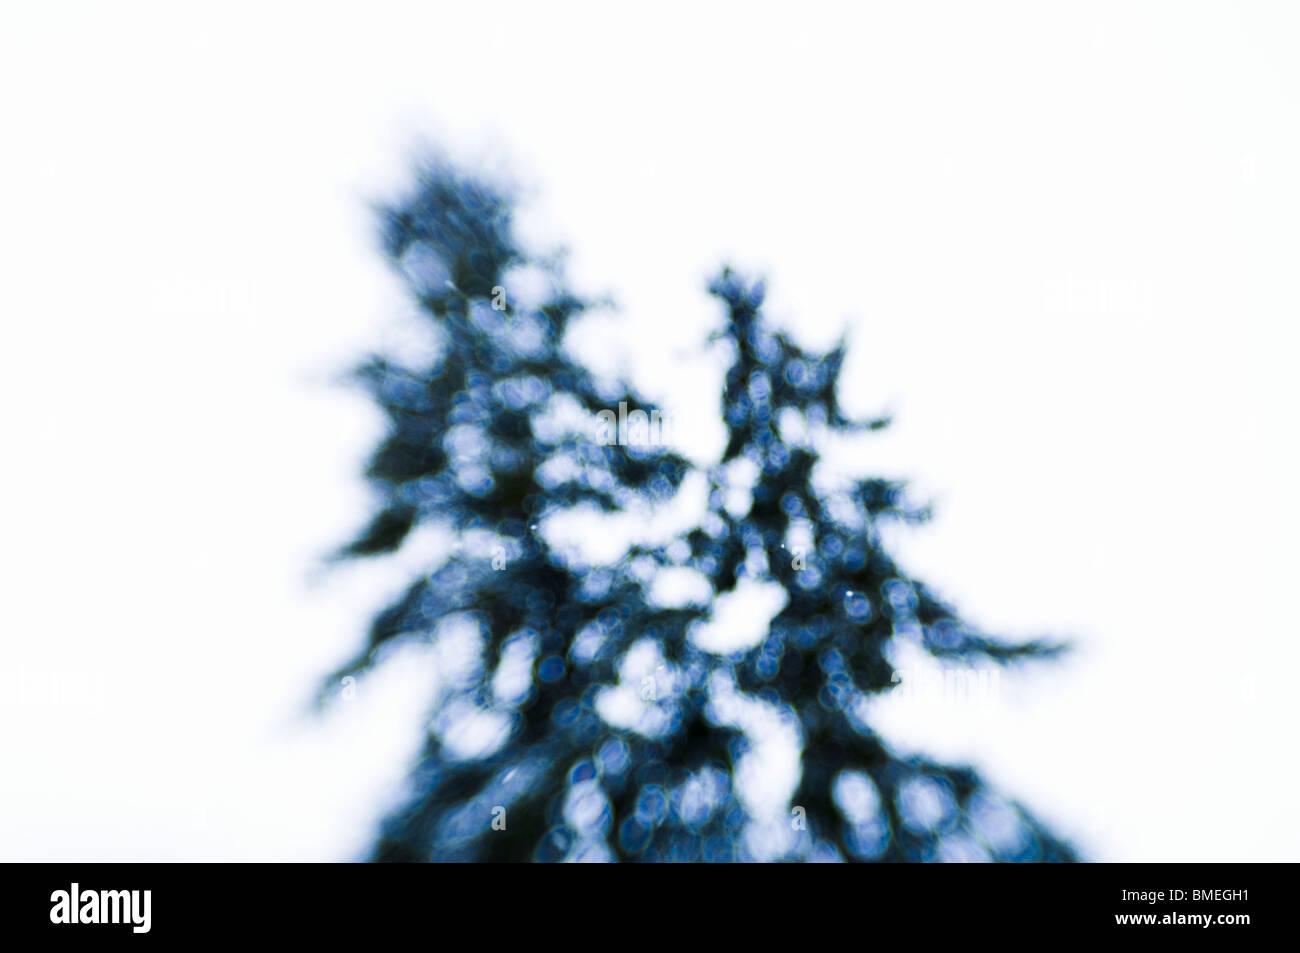 Scandinavia, Sweden, View of tree - Stock Image